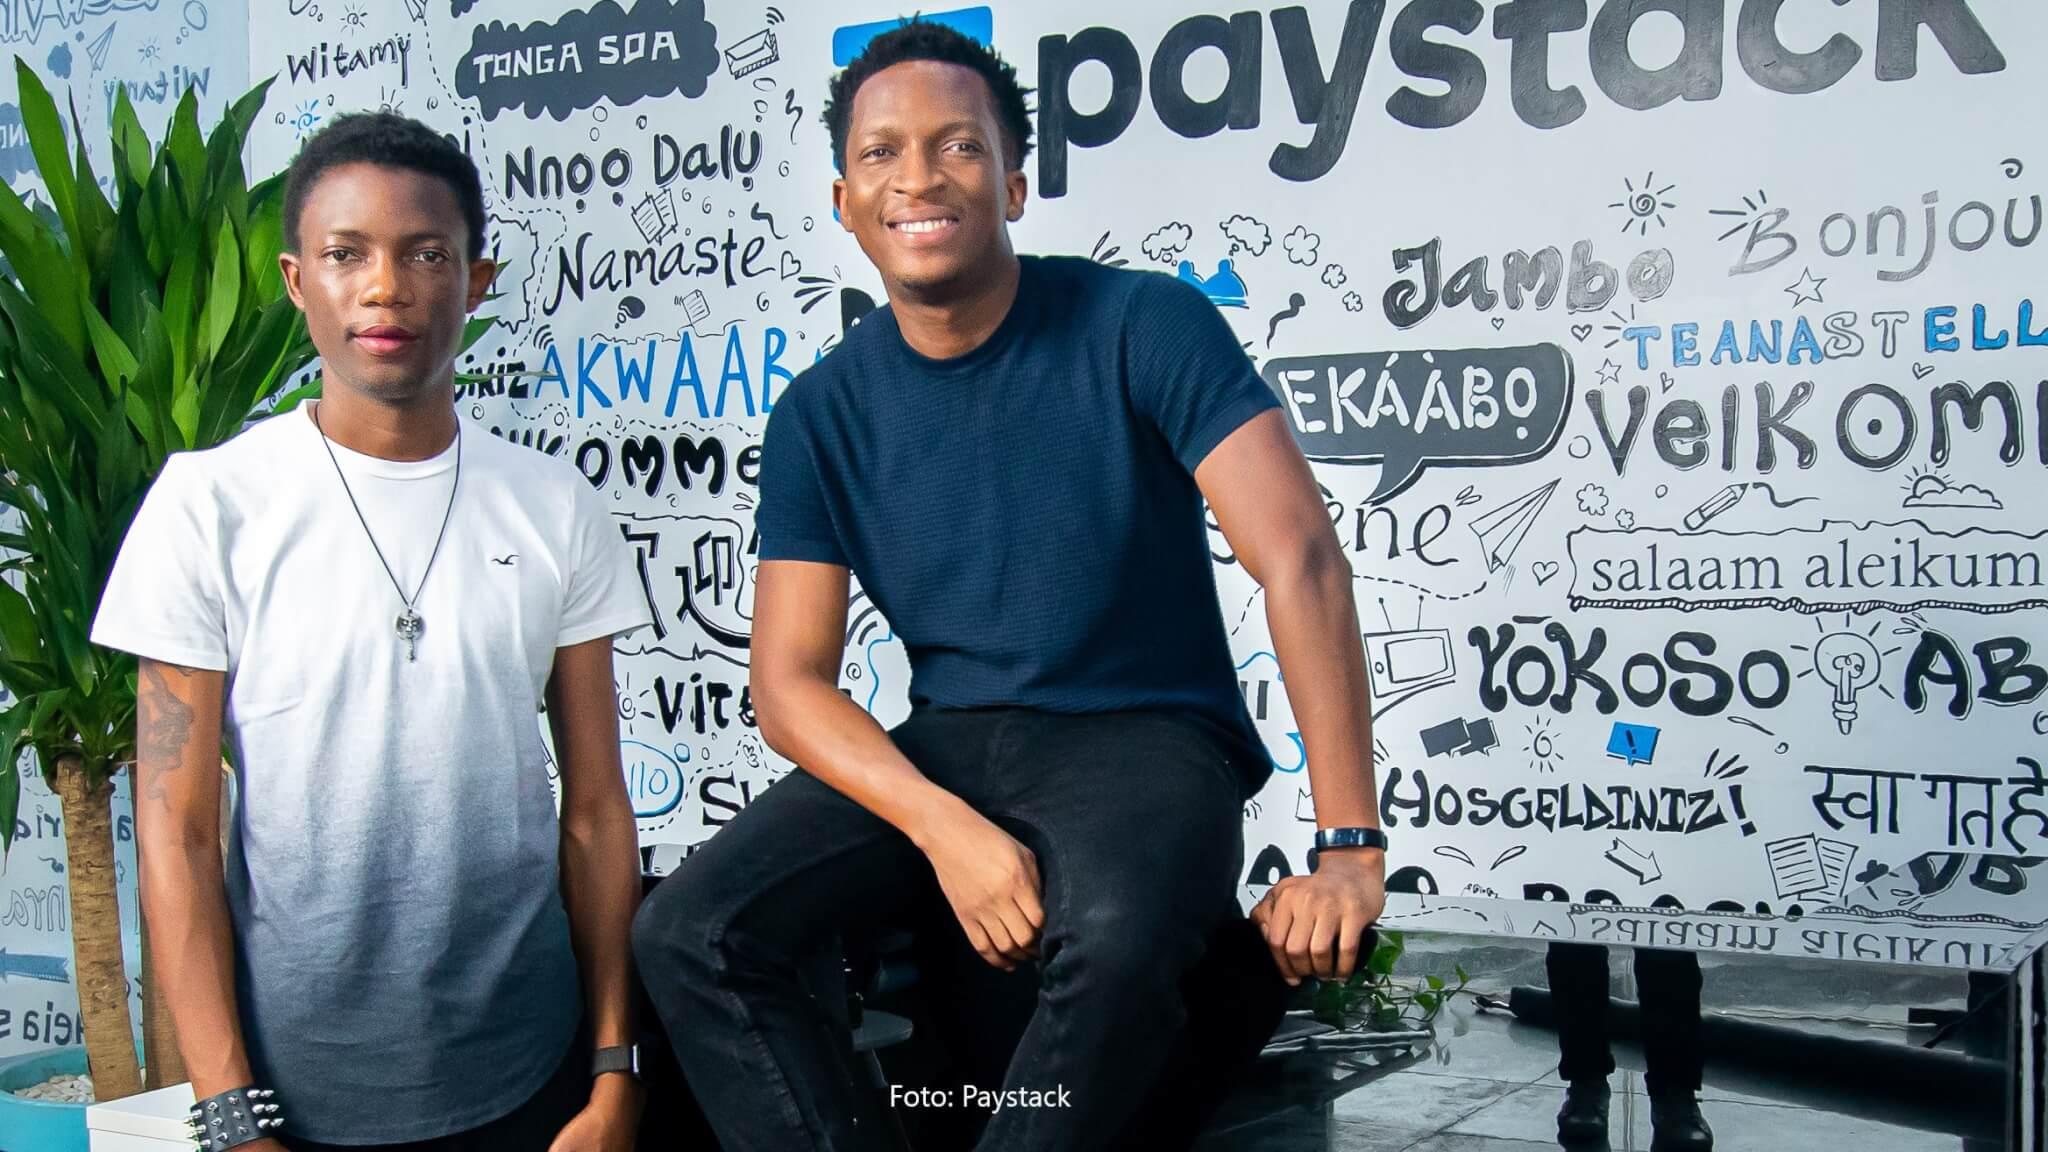 Paystack aus Nigeria: Der 200-Millionen-Dollar-Deal